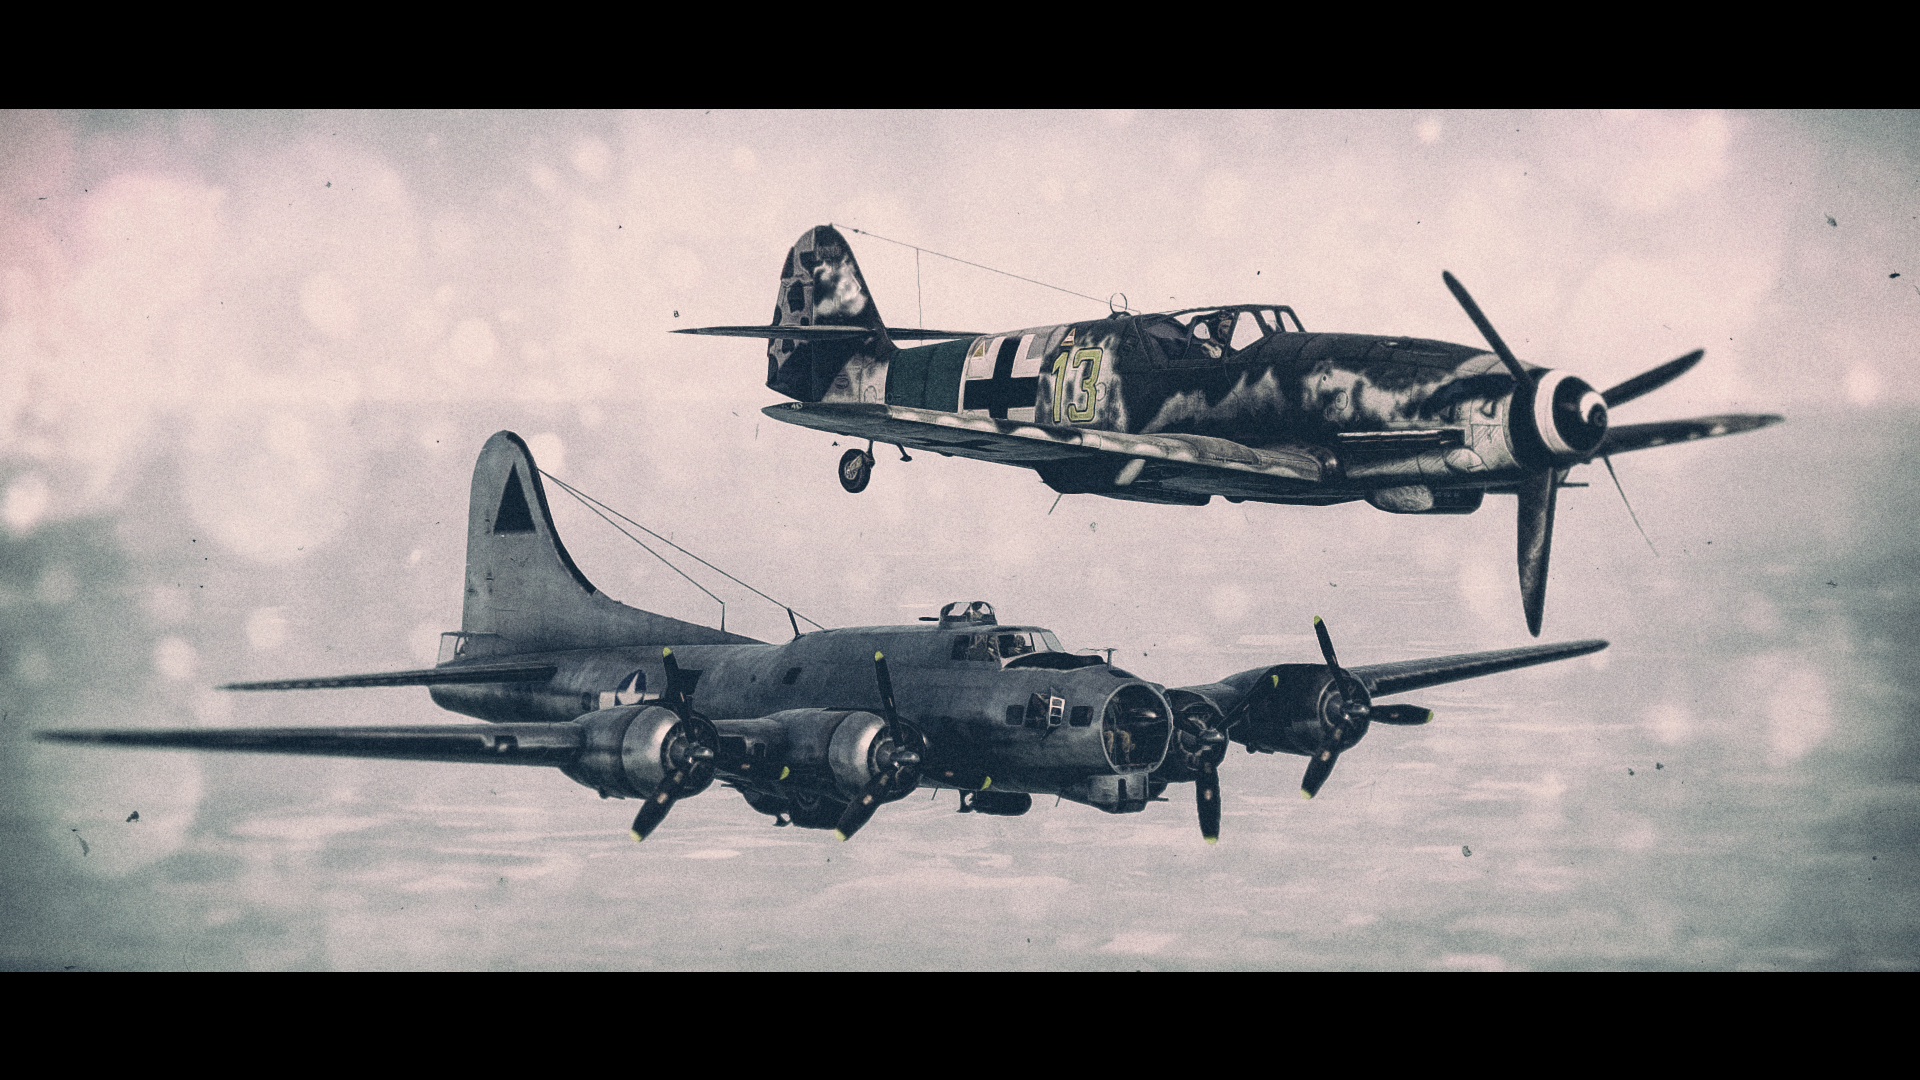 Обои german airplane, ww2, painting.aviation, Fw 190 d-9, bomber hunter, war. Авиация foto 15